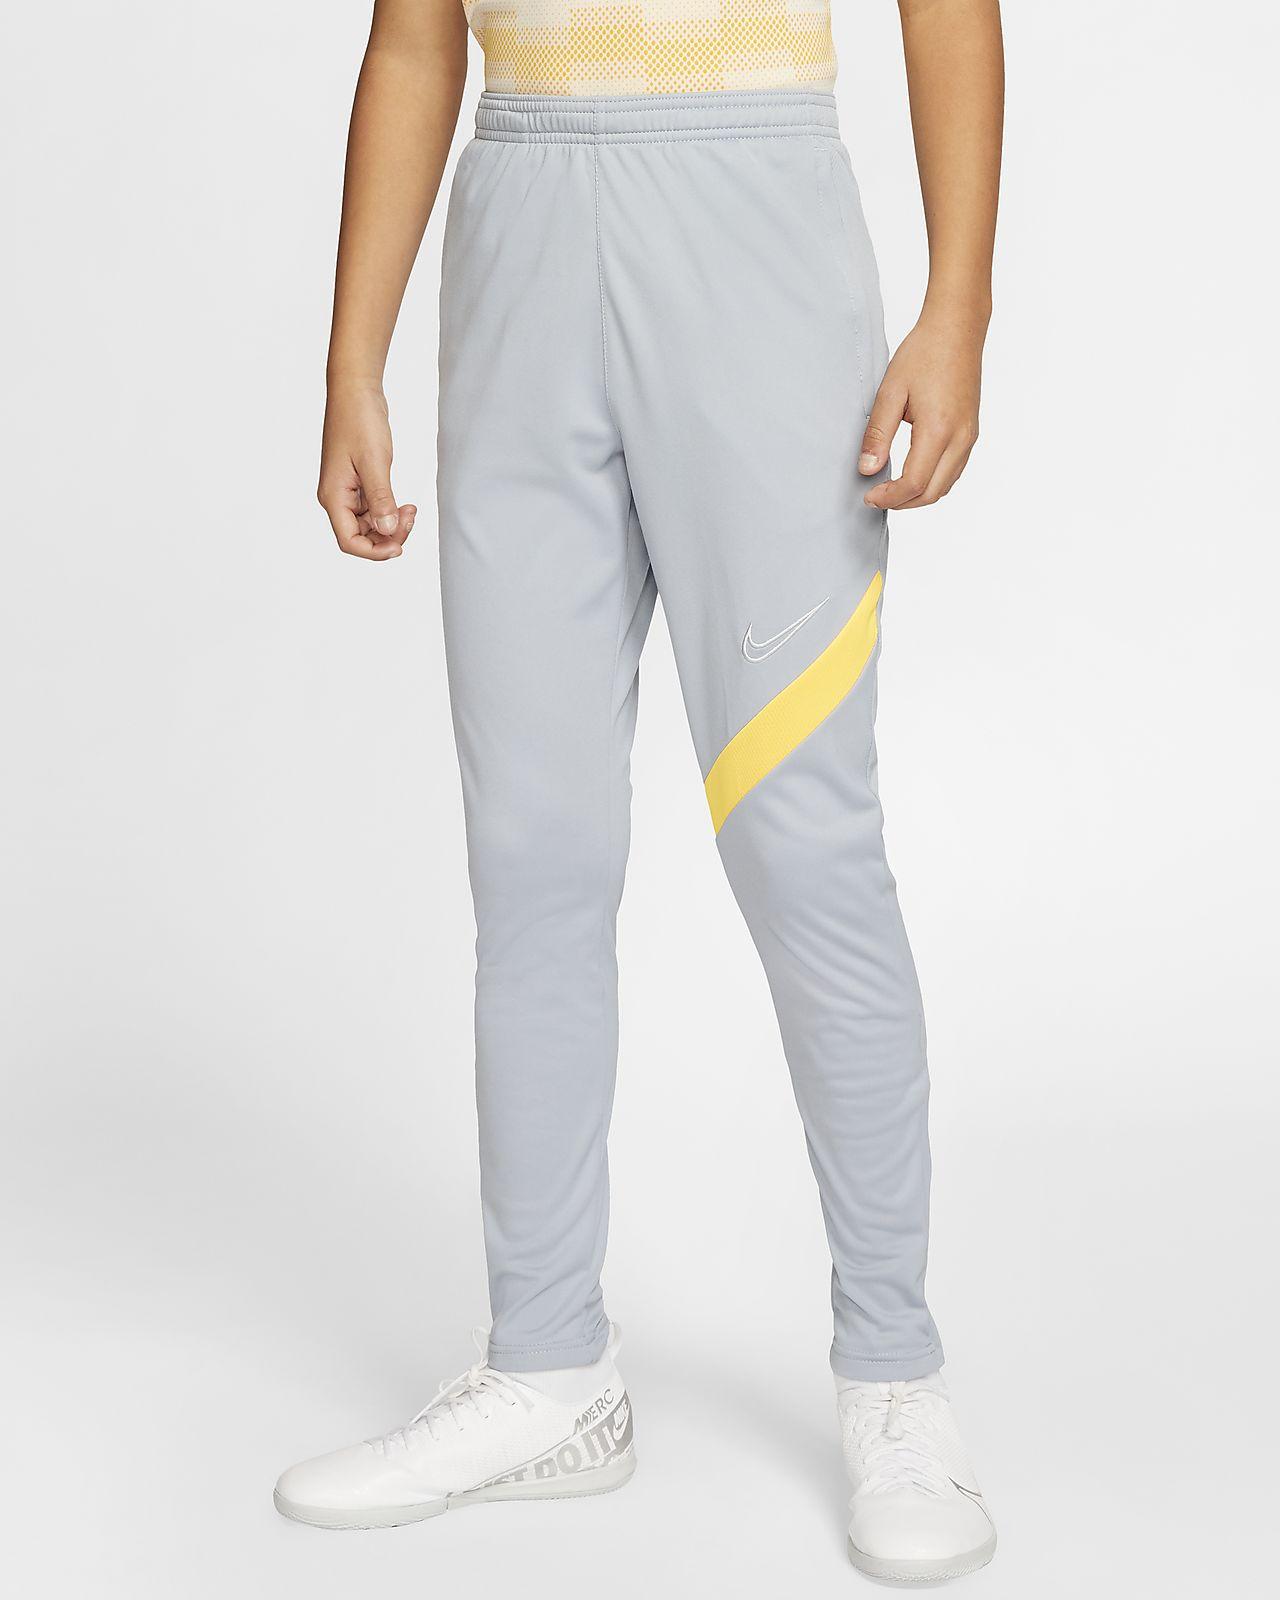 Pantaloni da calcio Nike Dri FIT Academy Pro Ragazzi